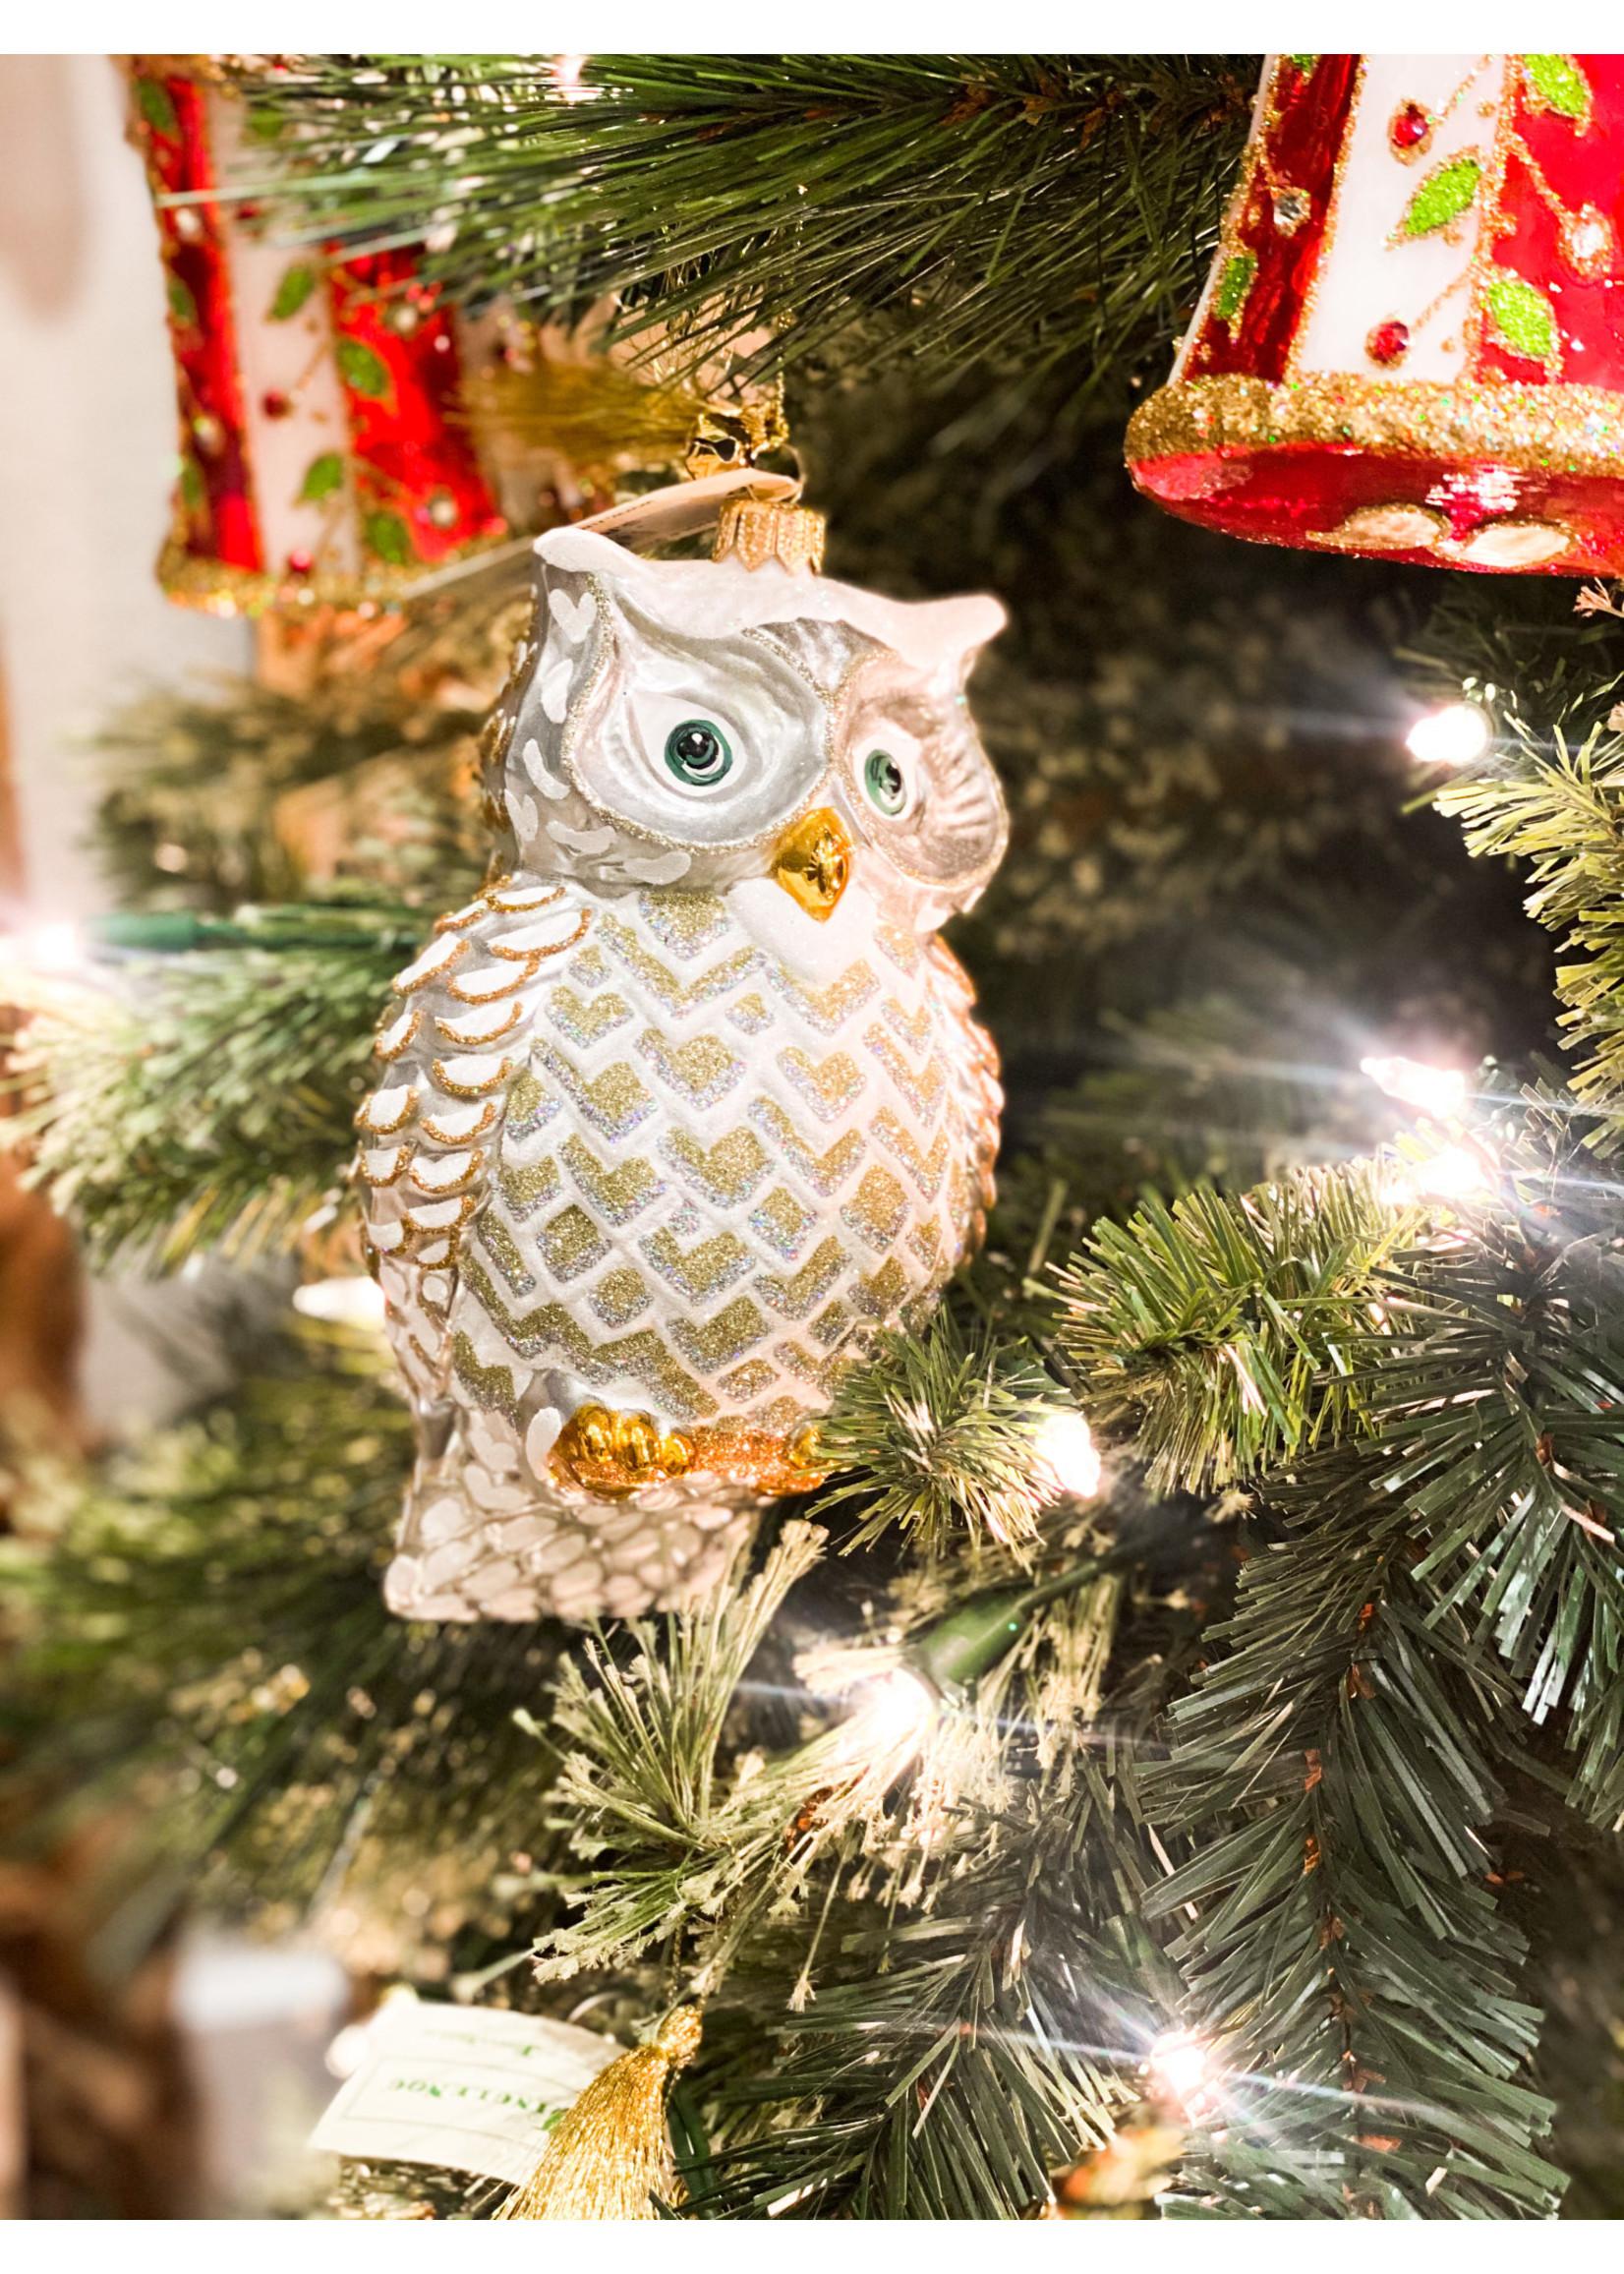 Jingle Nog Ornament - Jingle Whoo